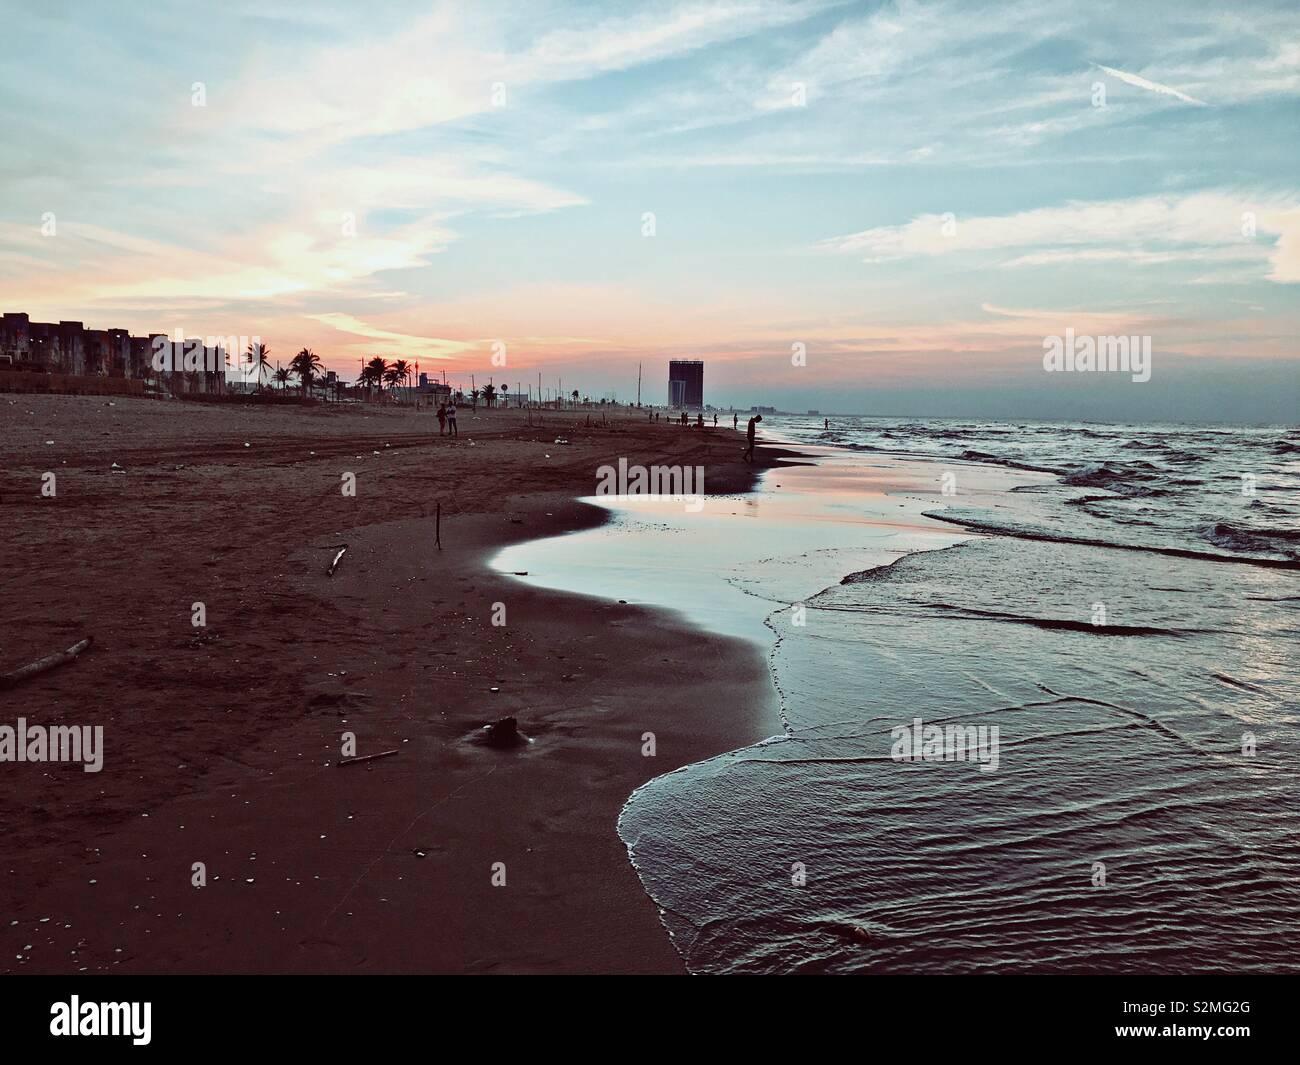 Fotografía tomada en Coatzacoalcos, Veracruz, en ella se aprecia el mar y parte de la costa. - Stock Image